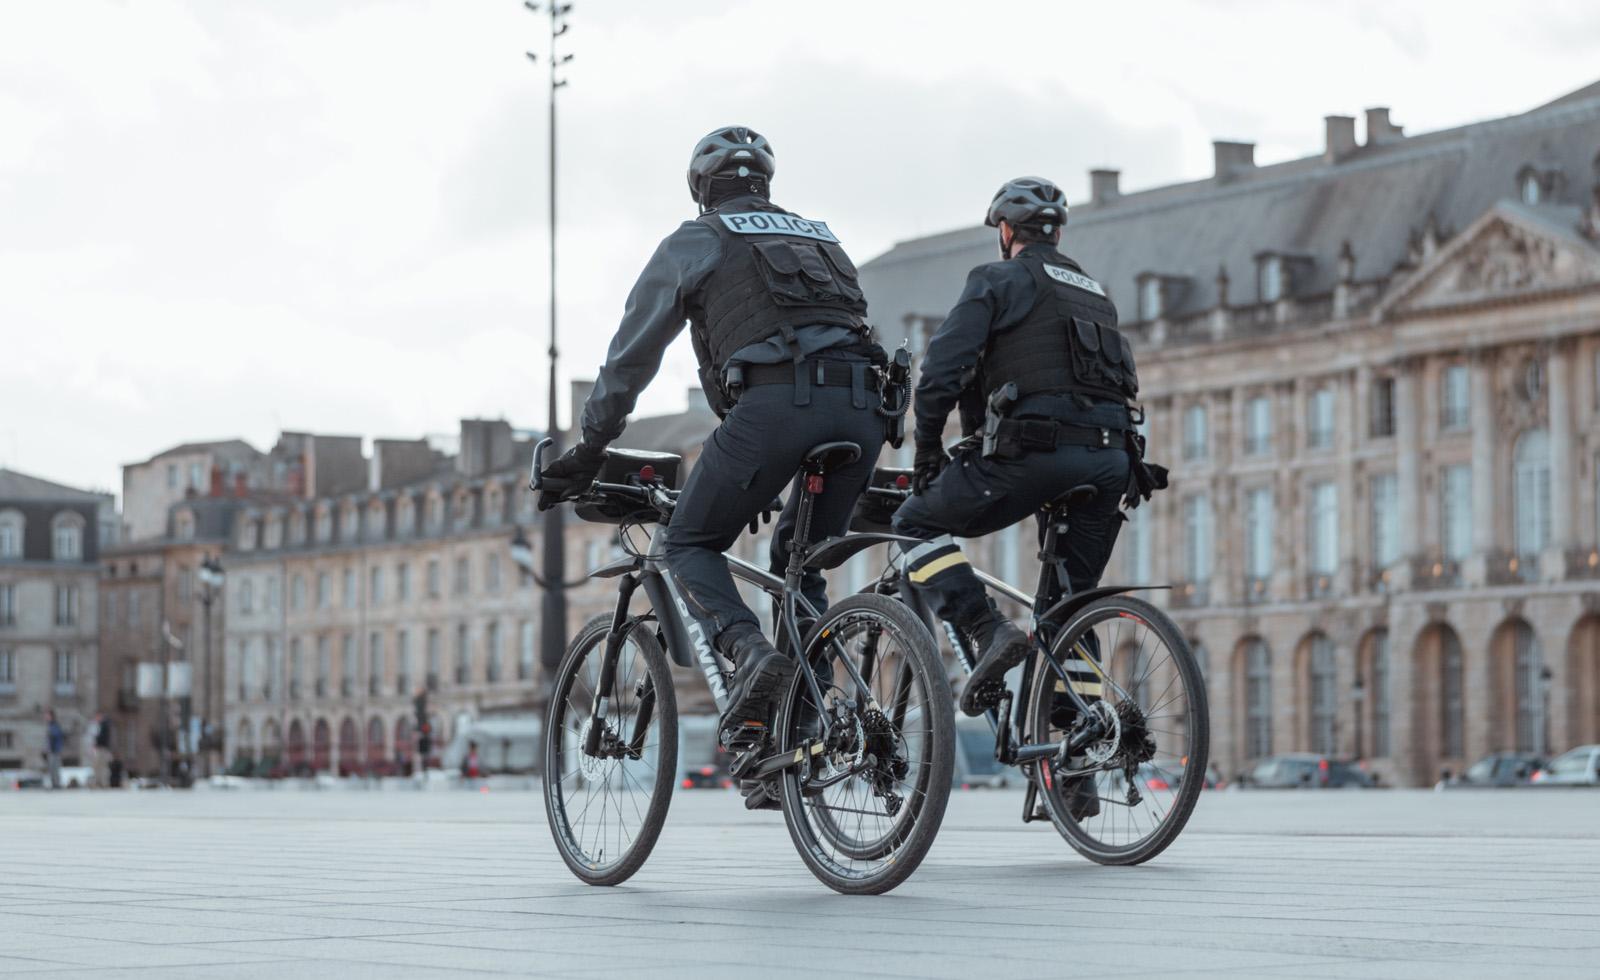 Réglementation : l'équipement obligatoire sur un vélo (et pour un cycliste)